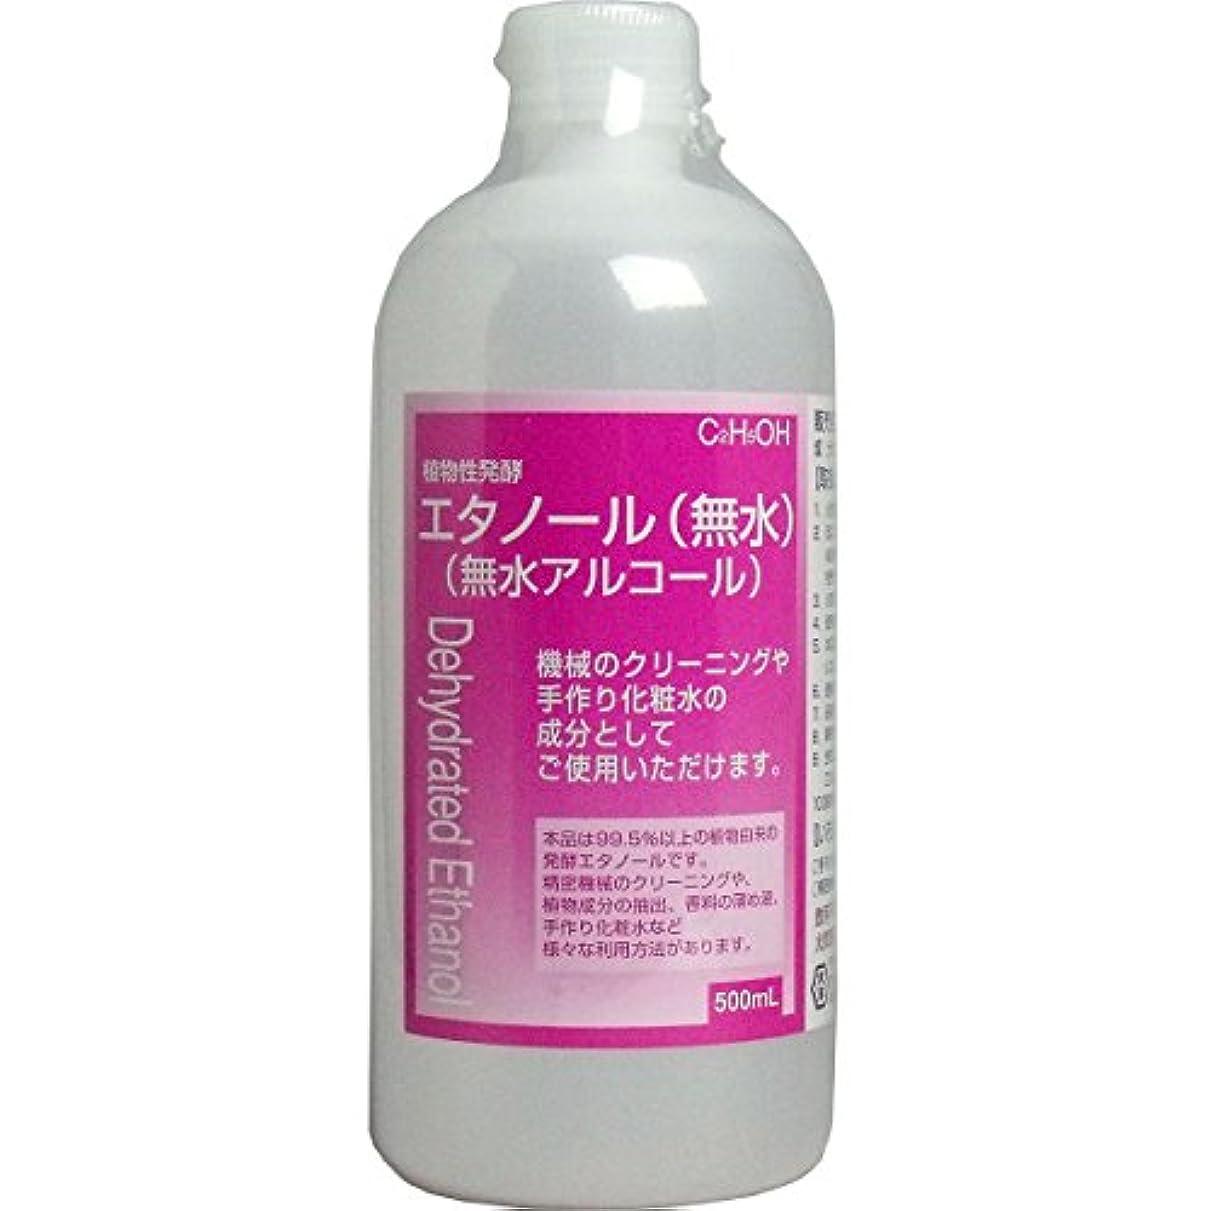 陽気なタフハード手作り化粧水に 植物性発酵エタノール(無水エタノール) 500mL